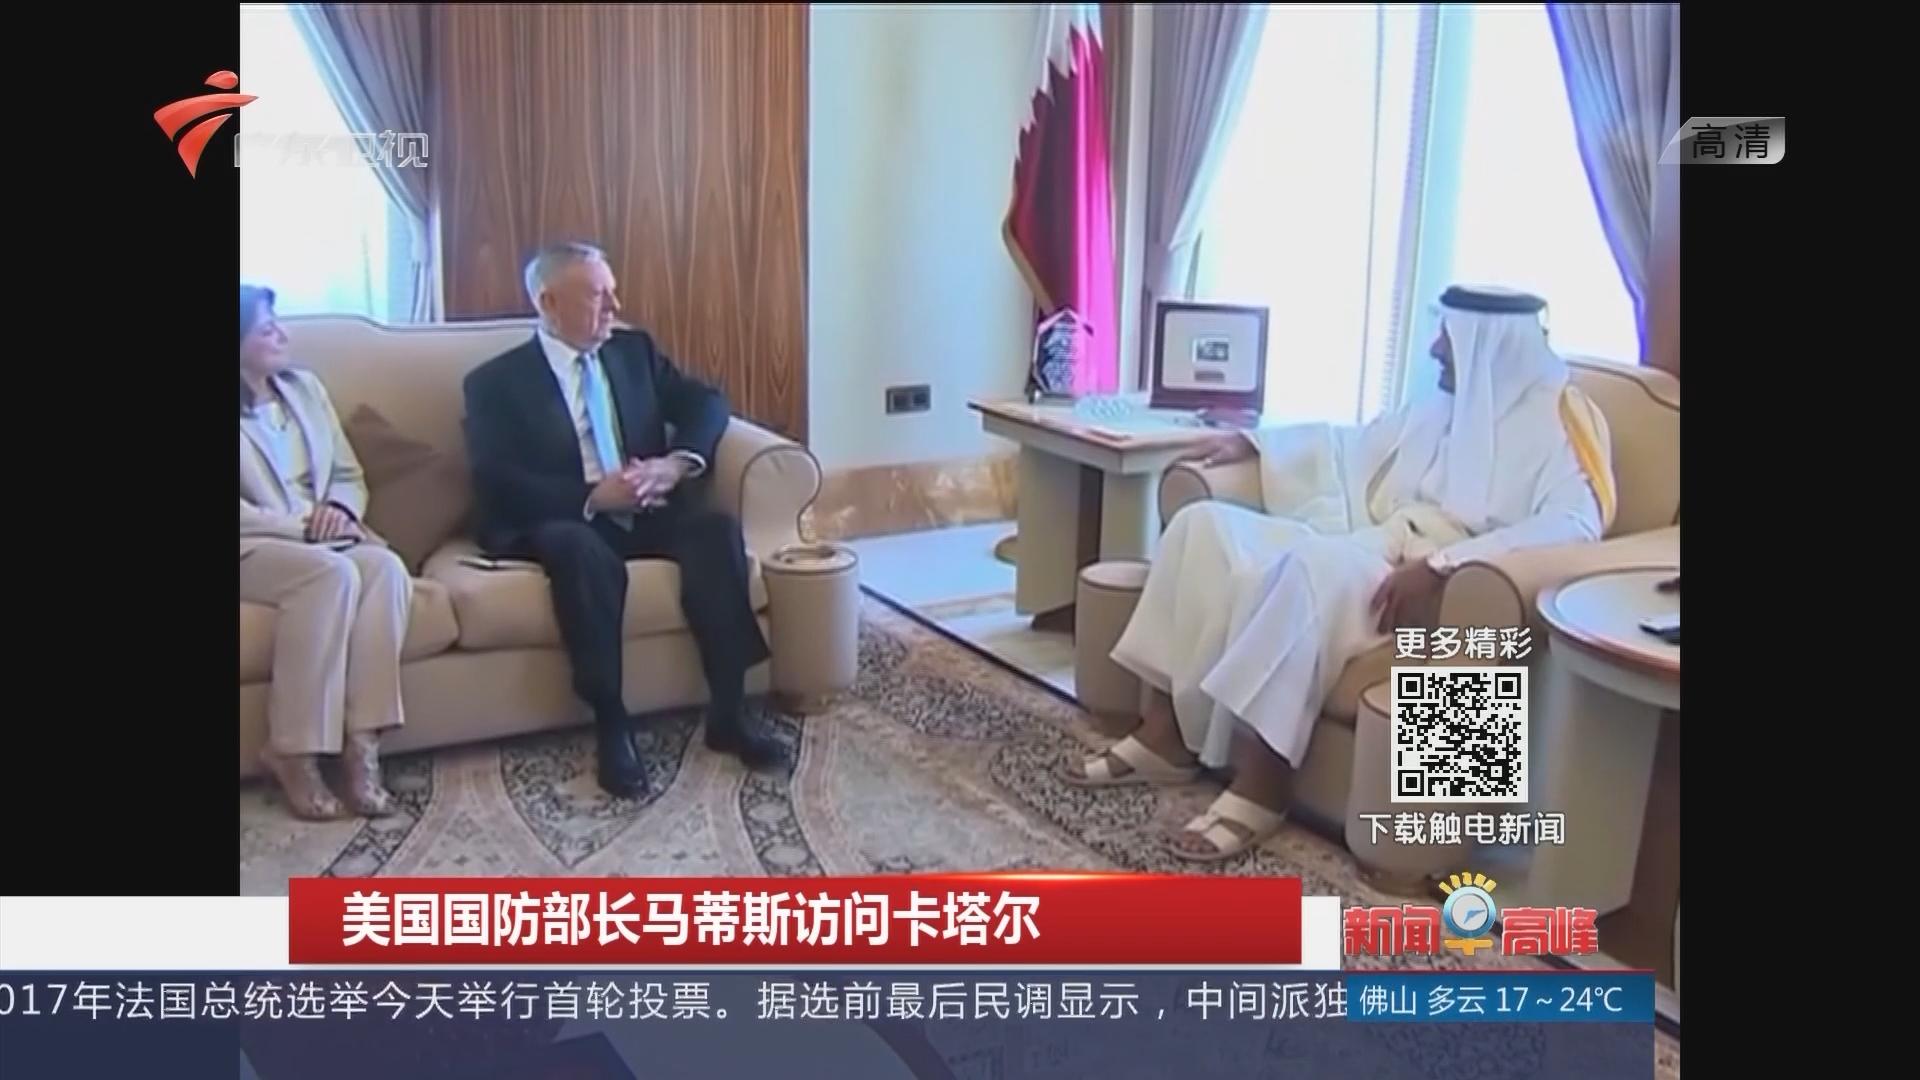 美国国防部长马蒂斯访问卡塔尔